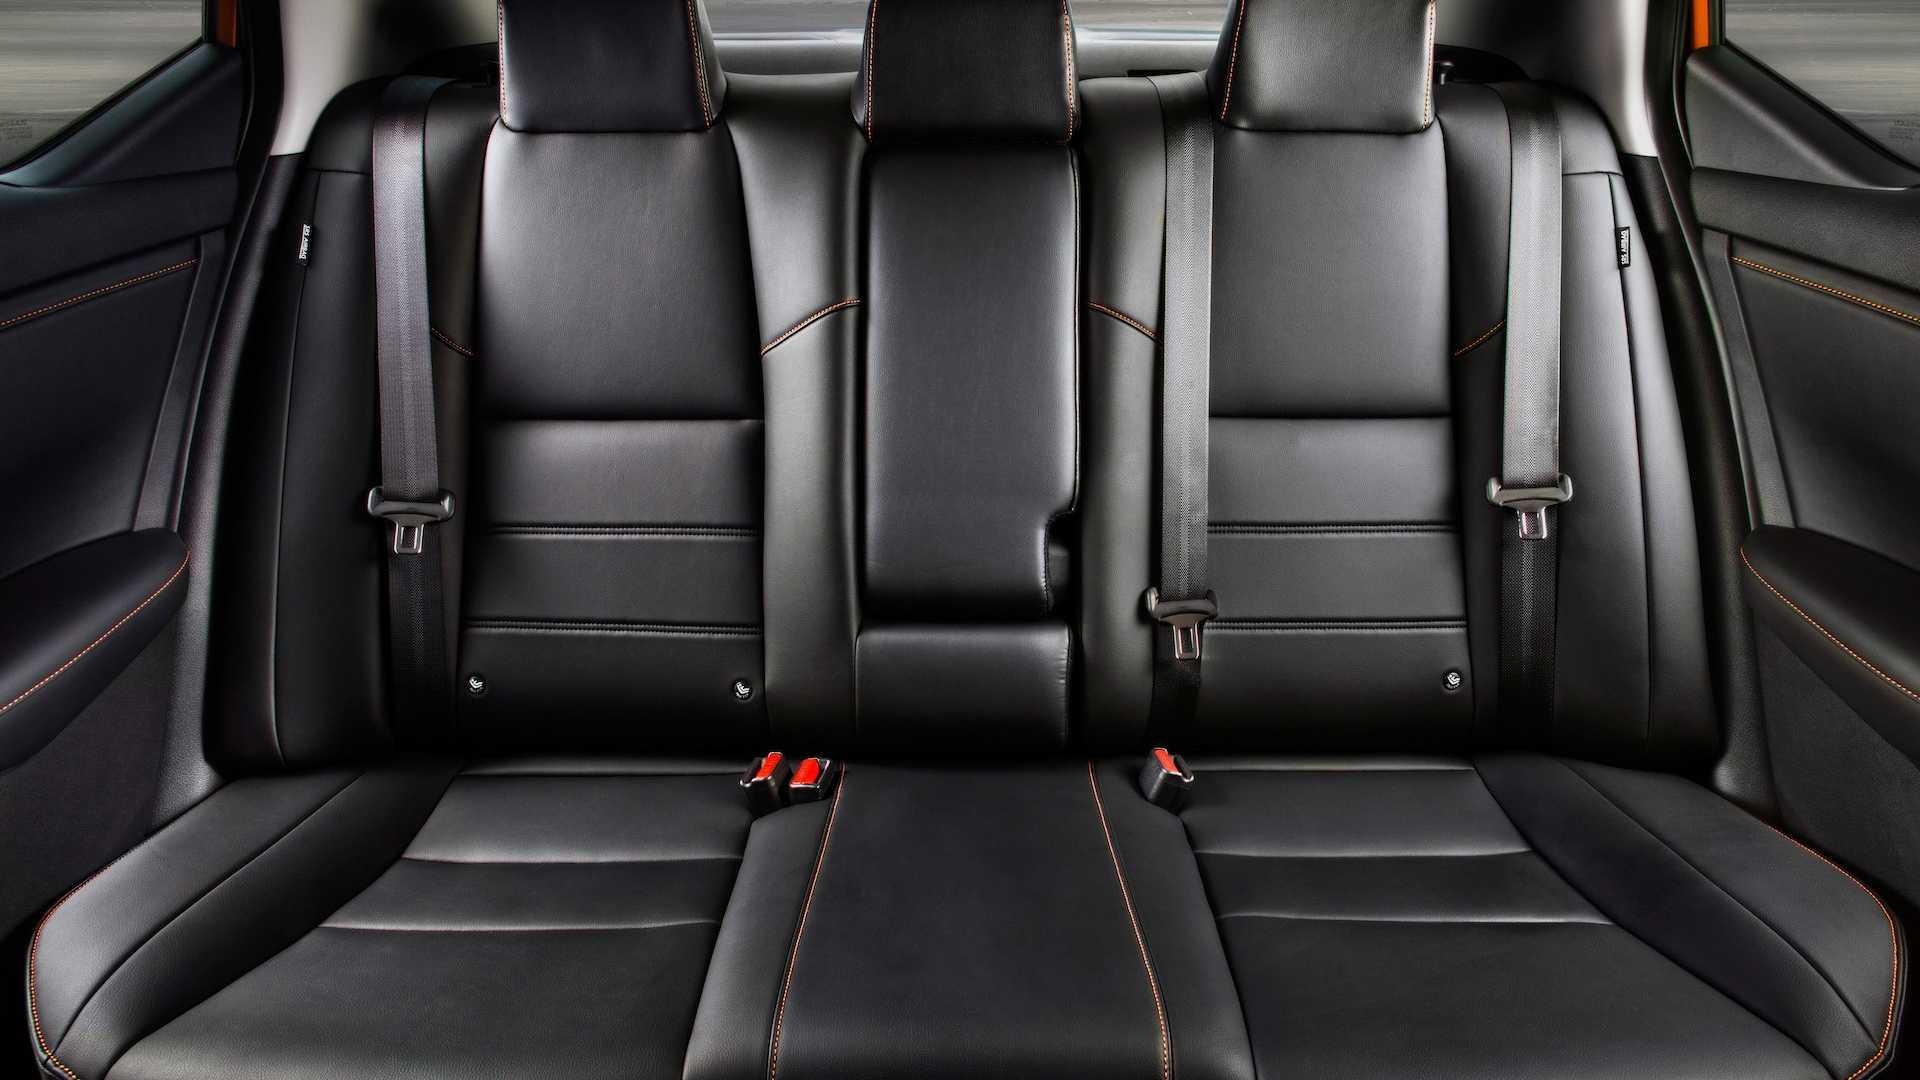 Nissan Sentra thế hệ mới đối đầu trực tiếp với Honda Civic hay Mazda3 - 9